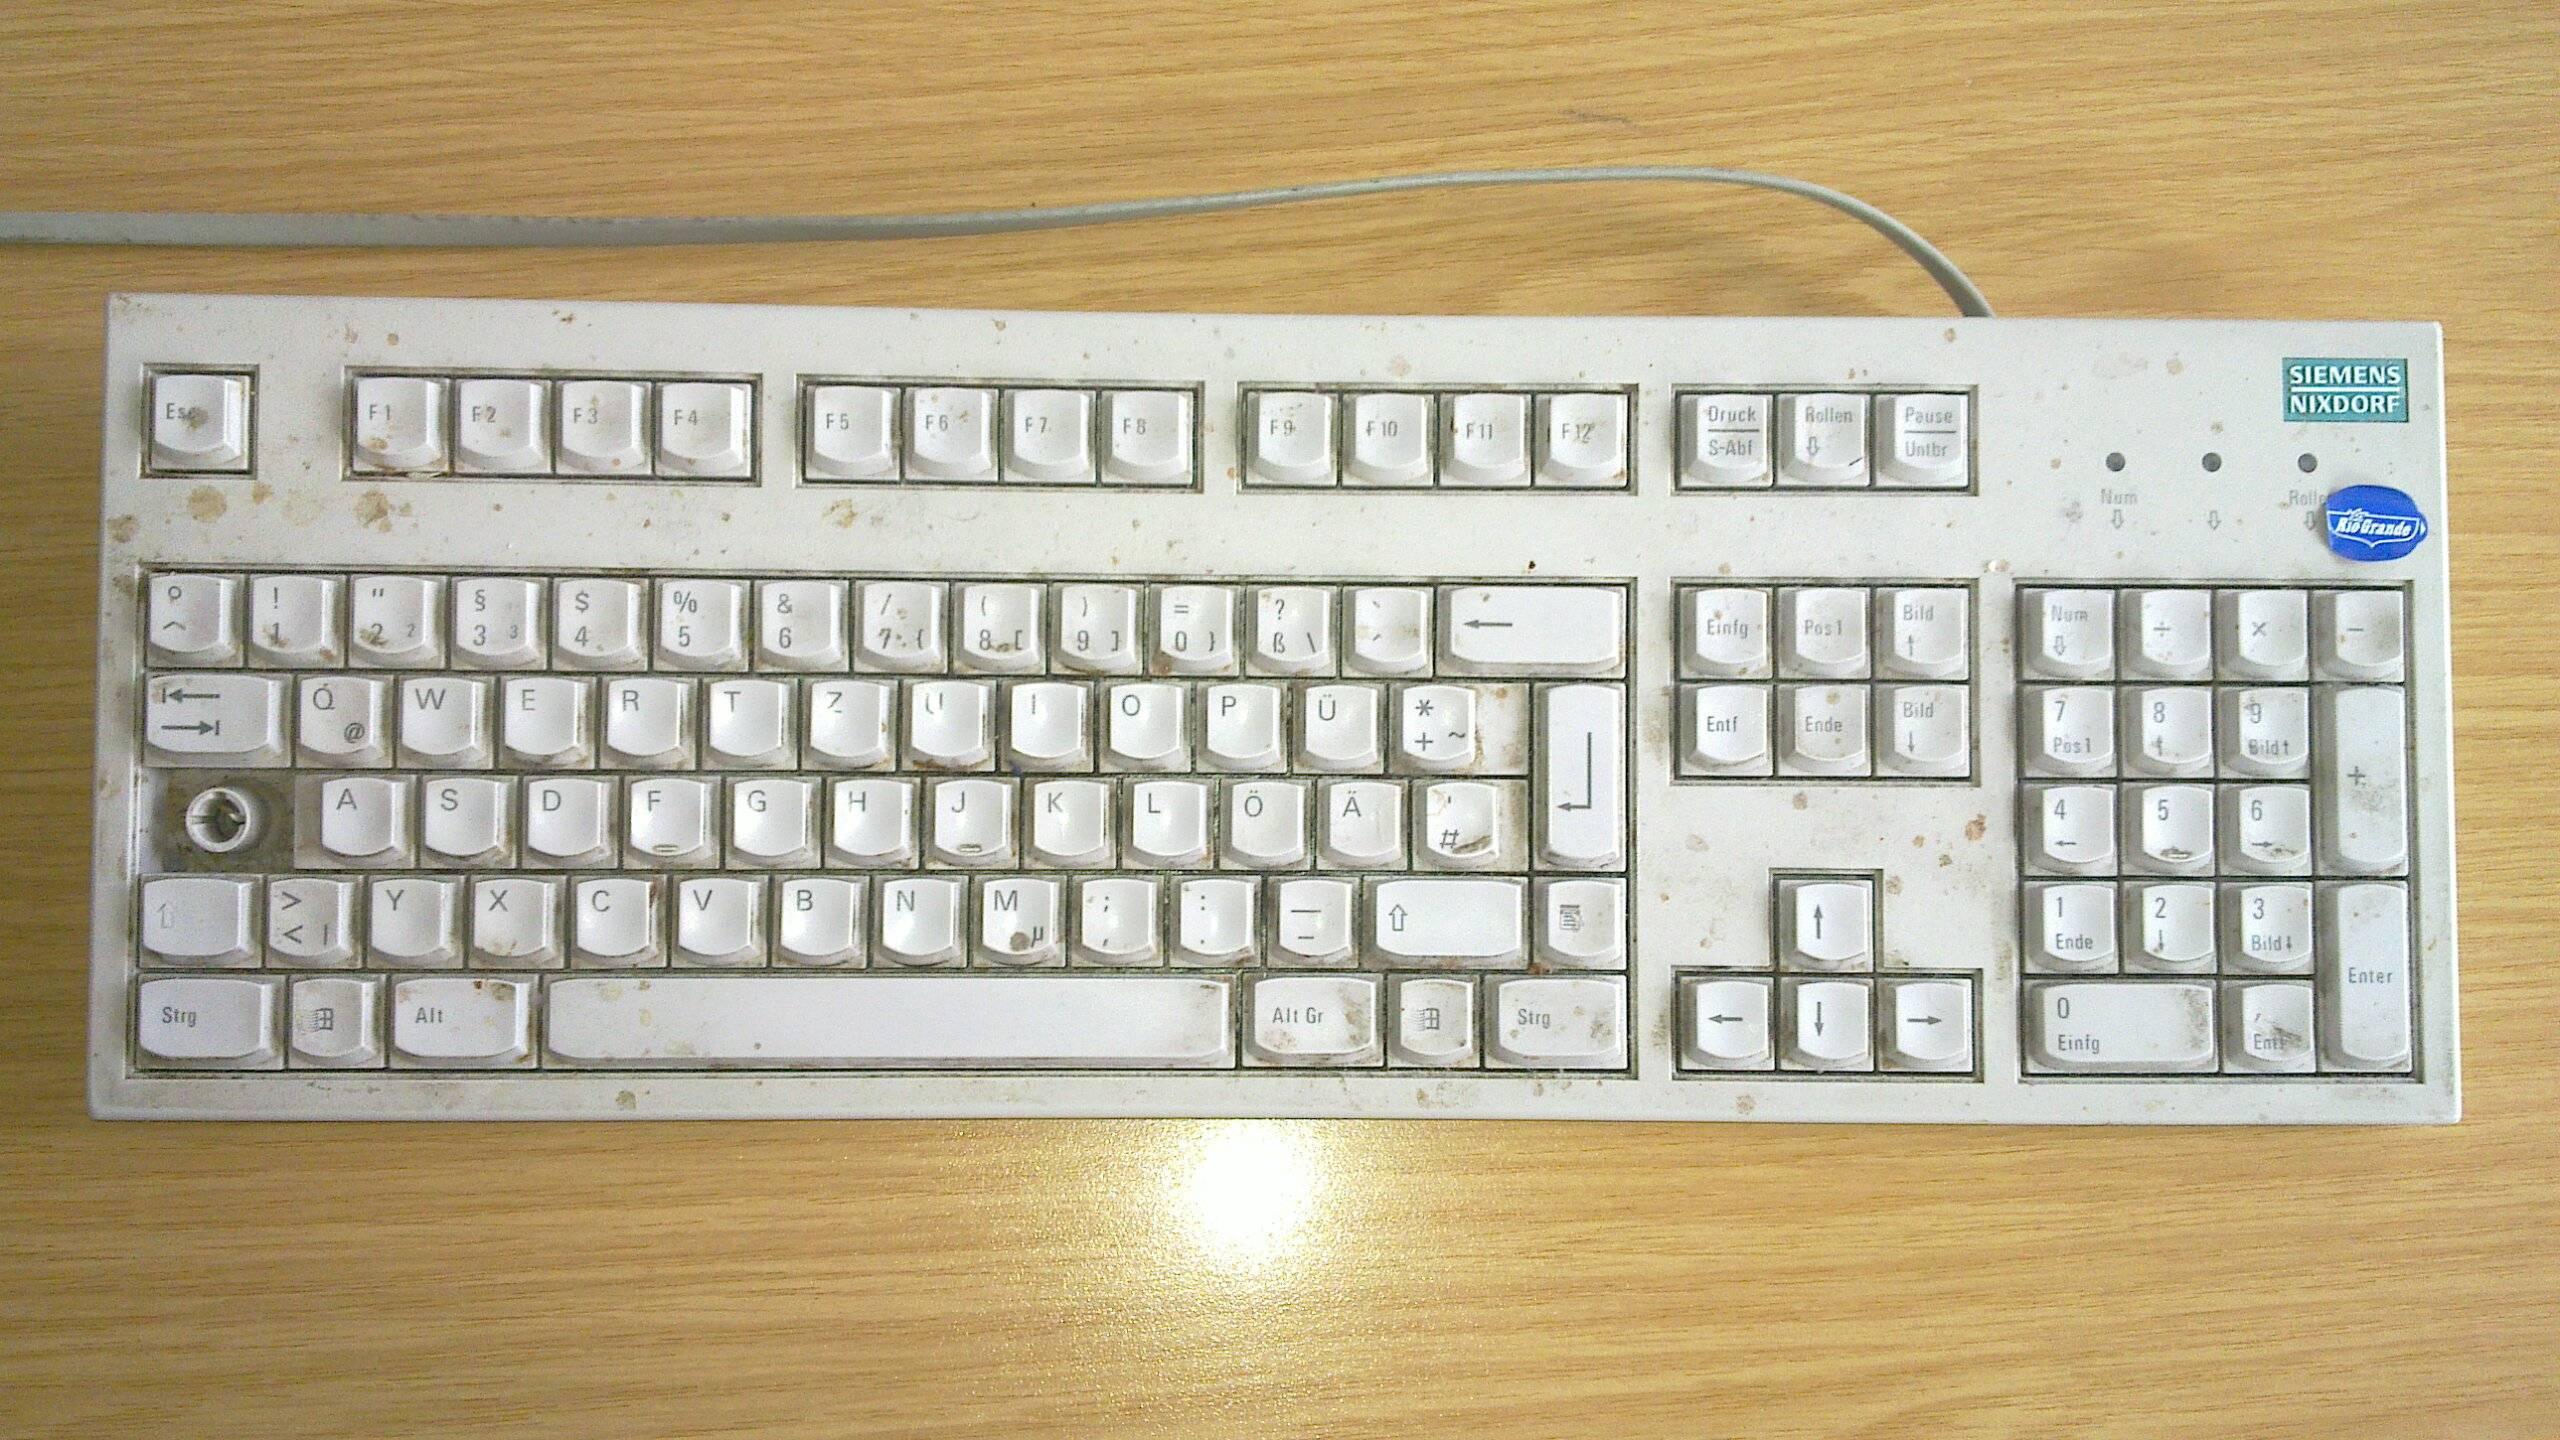 Прикольная картинка клавиатуры